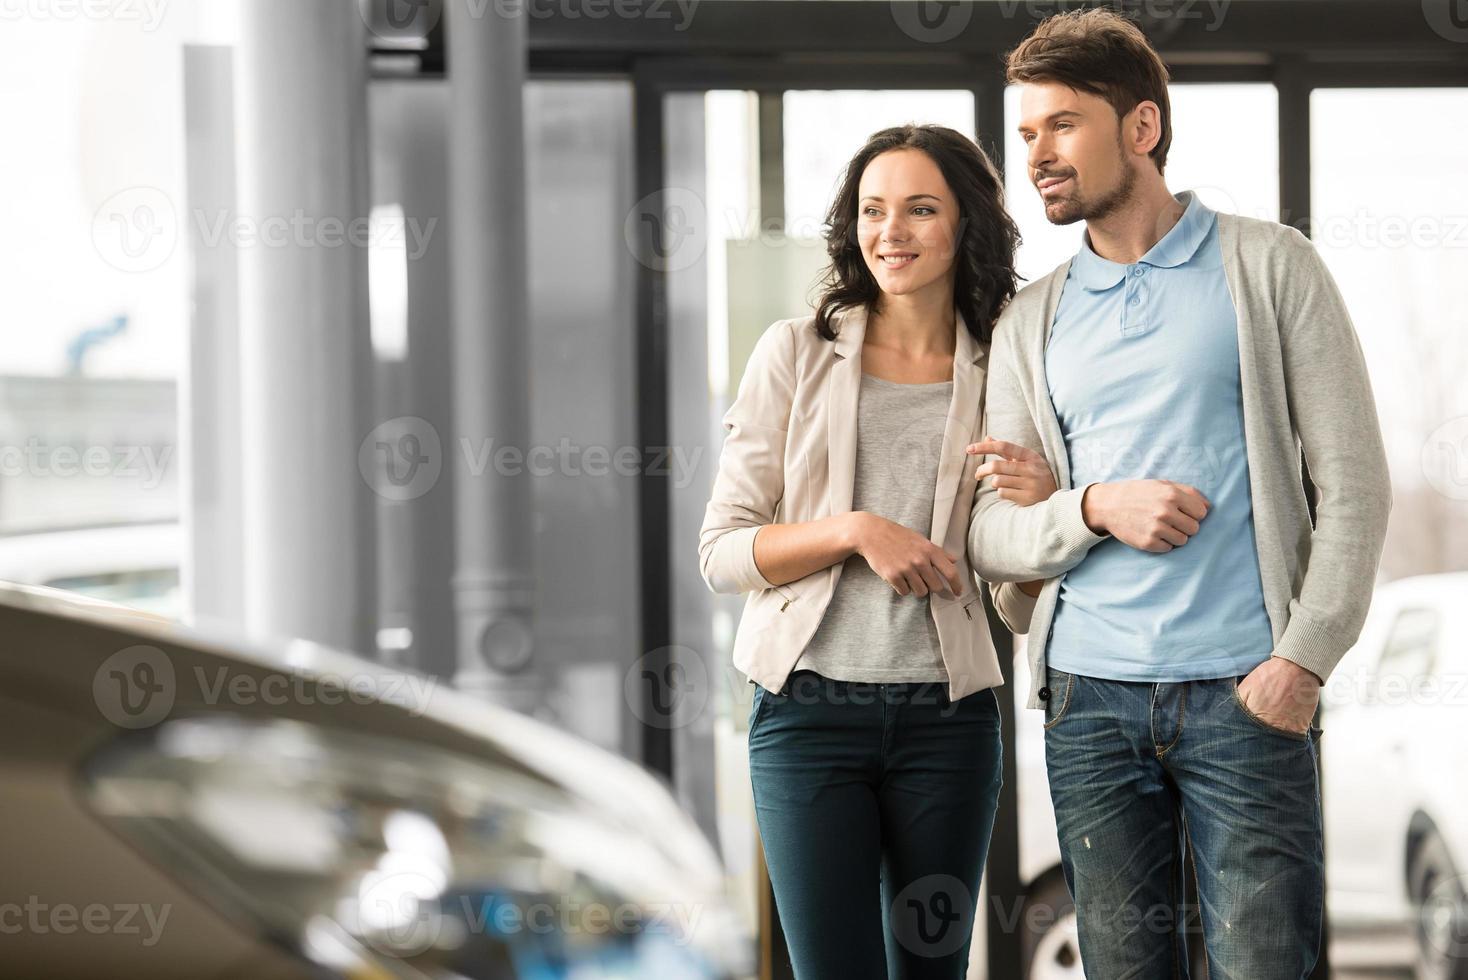 Vente de voitures photo